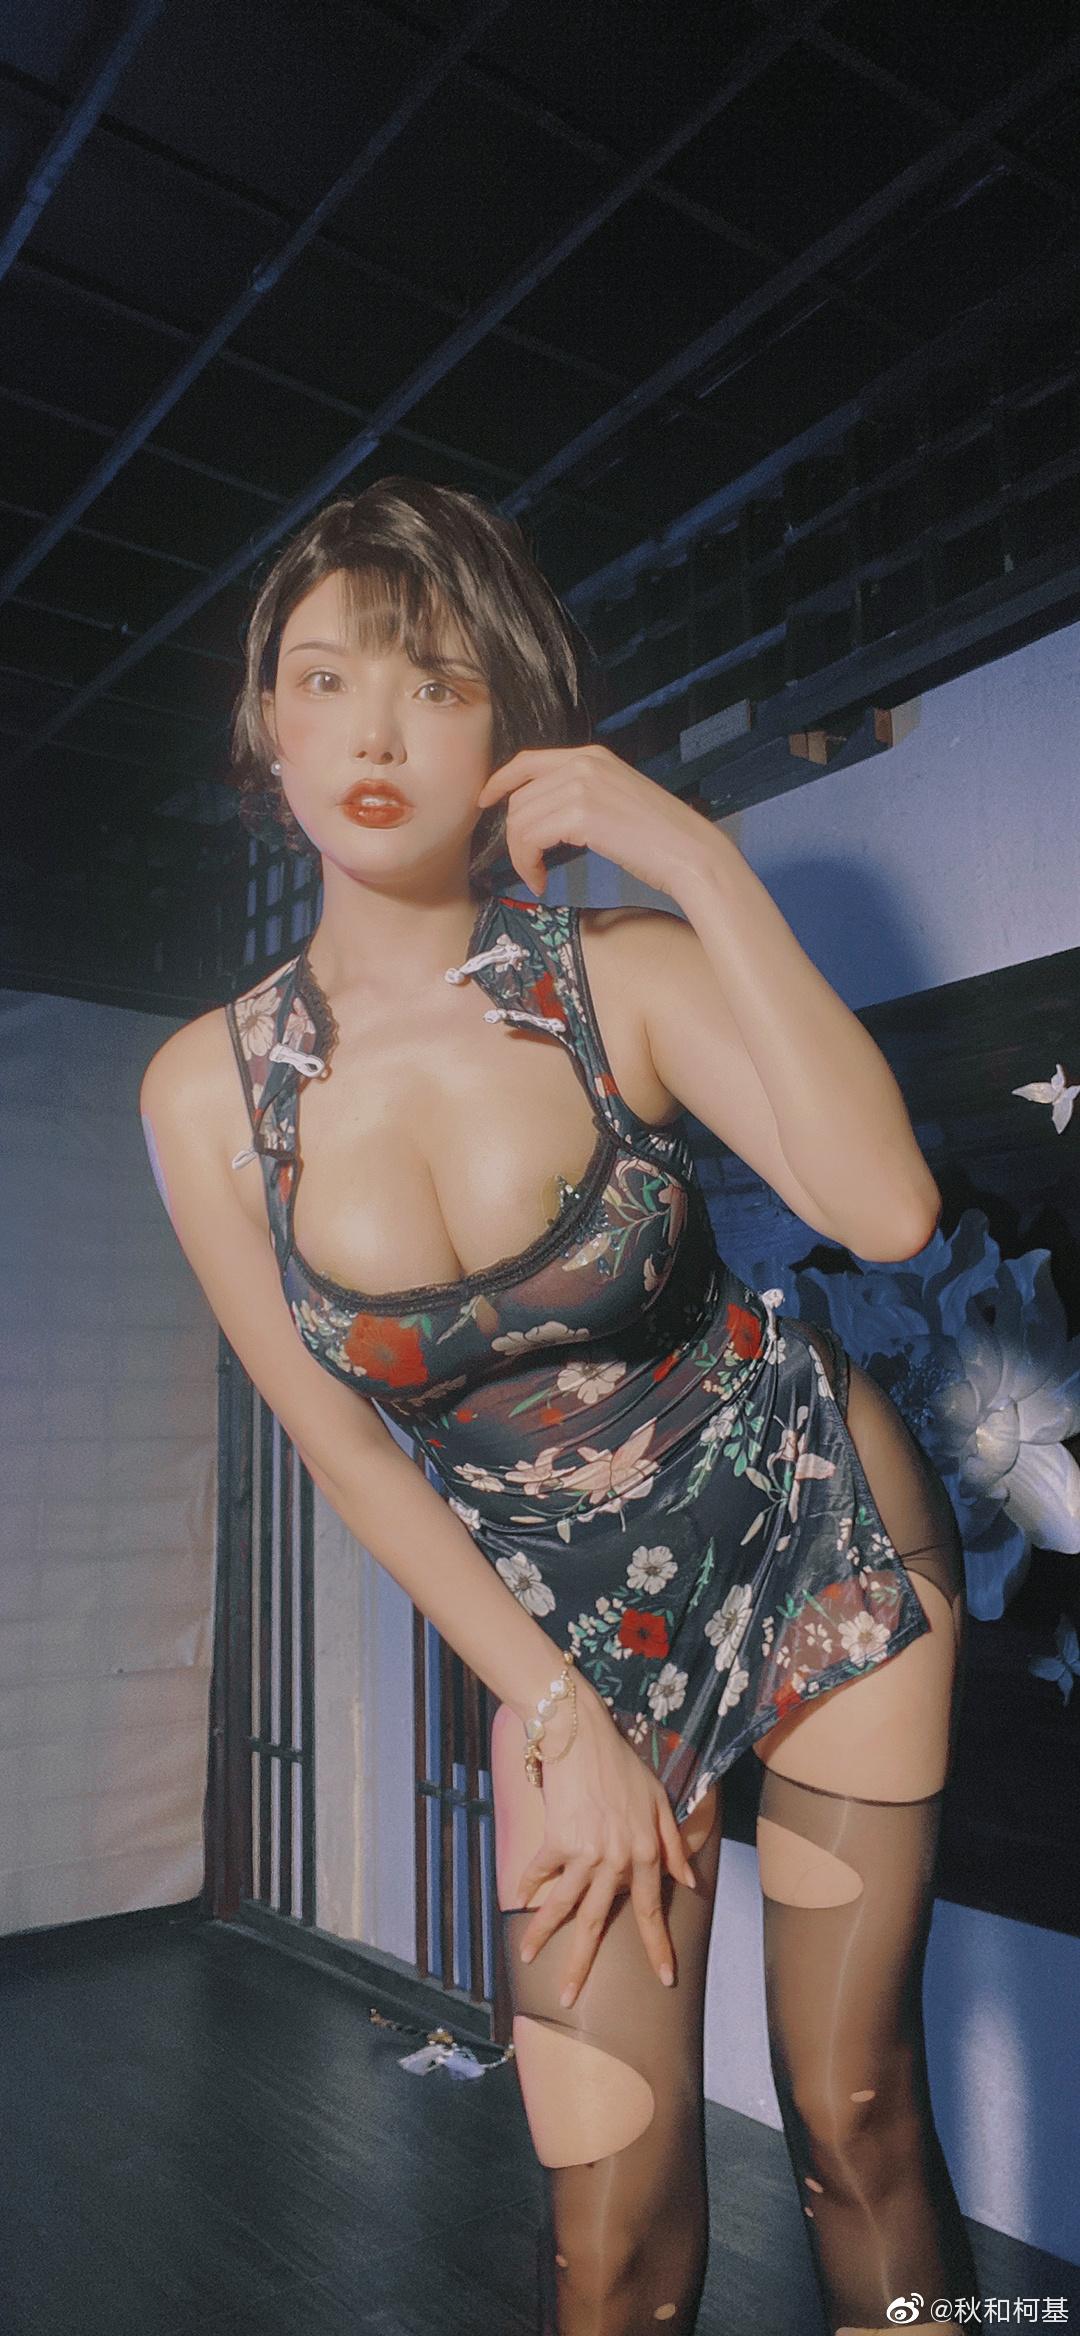 这见花旗袍是不是有点太漏了@秋和柯基 COSPLAY 热图6